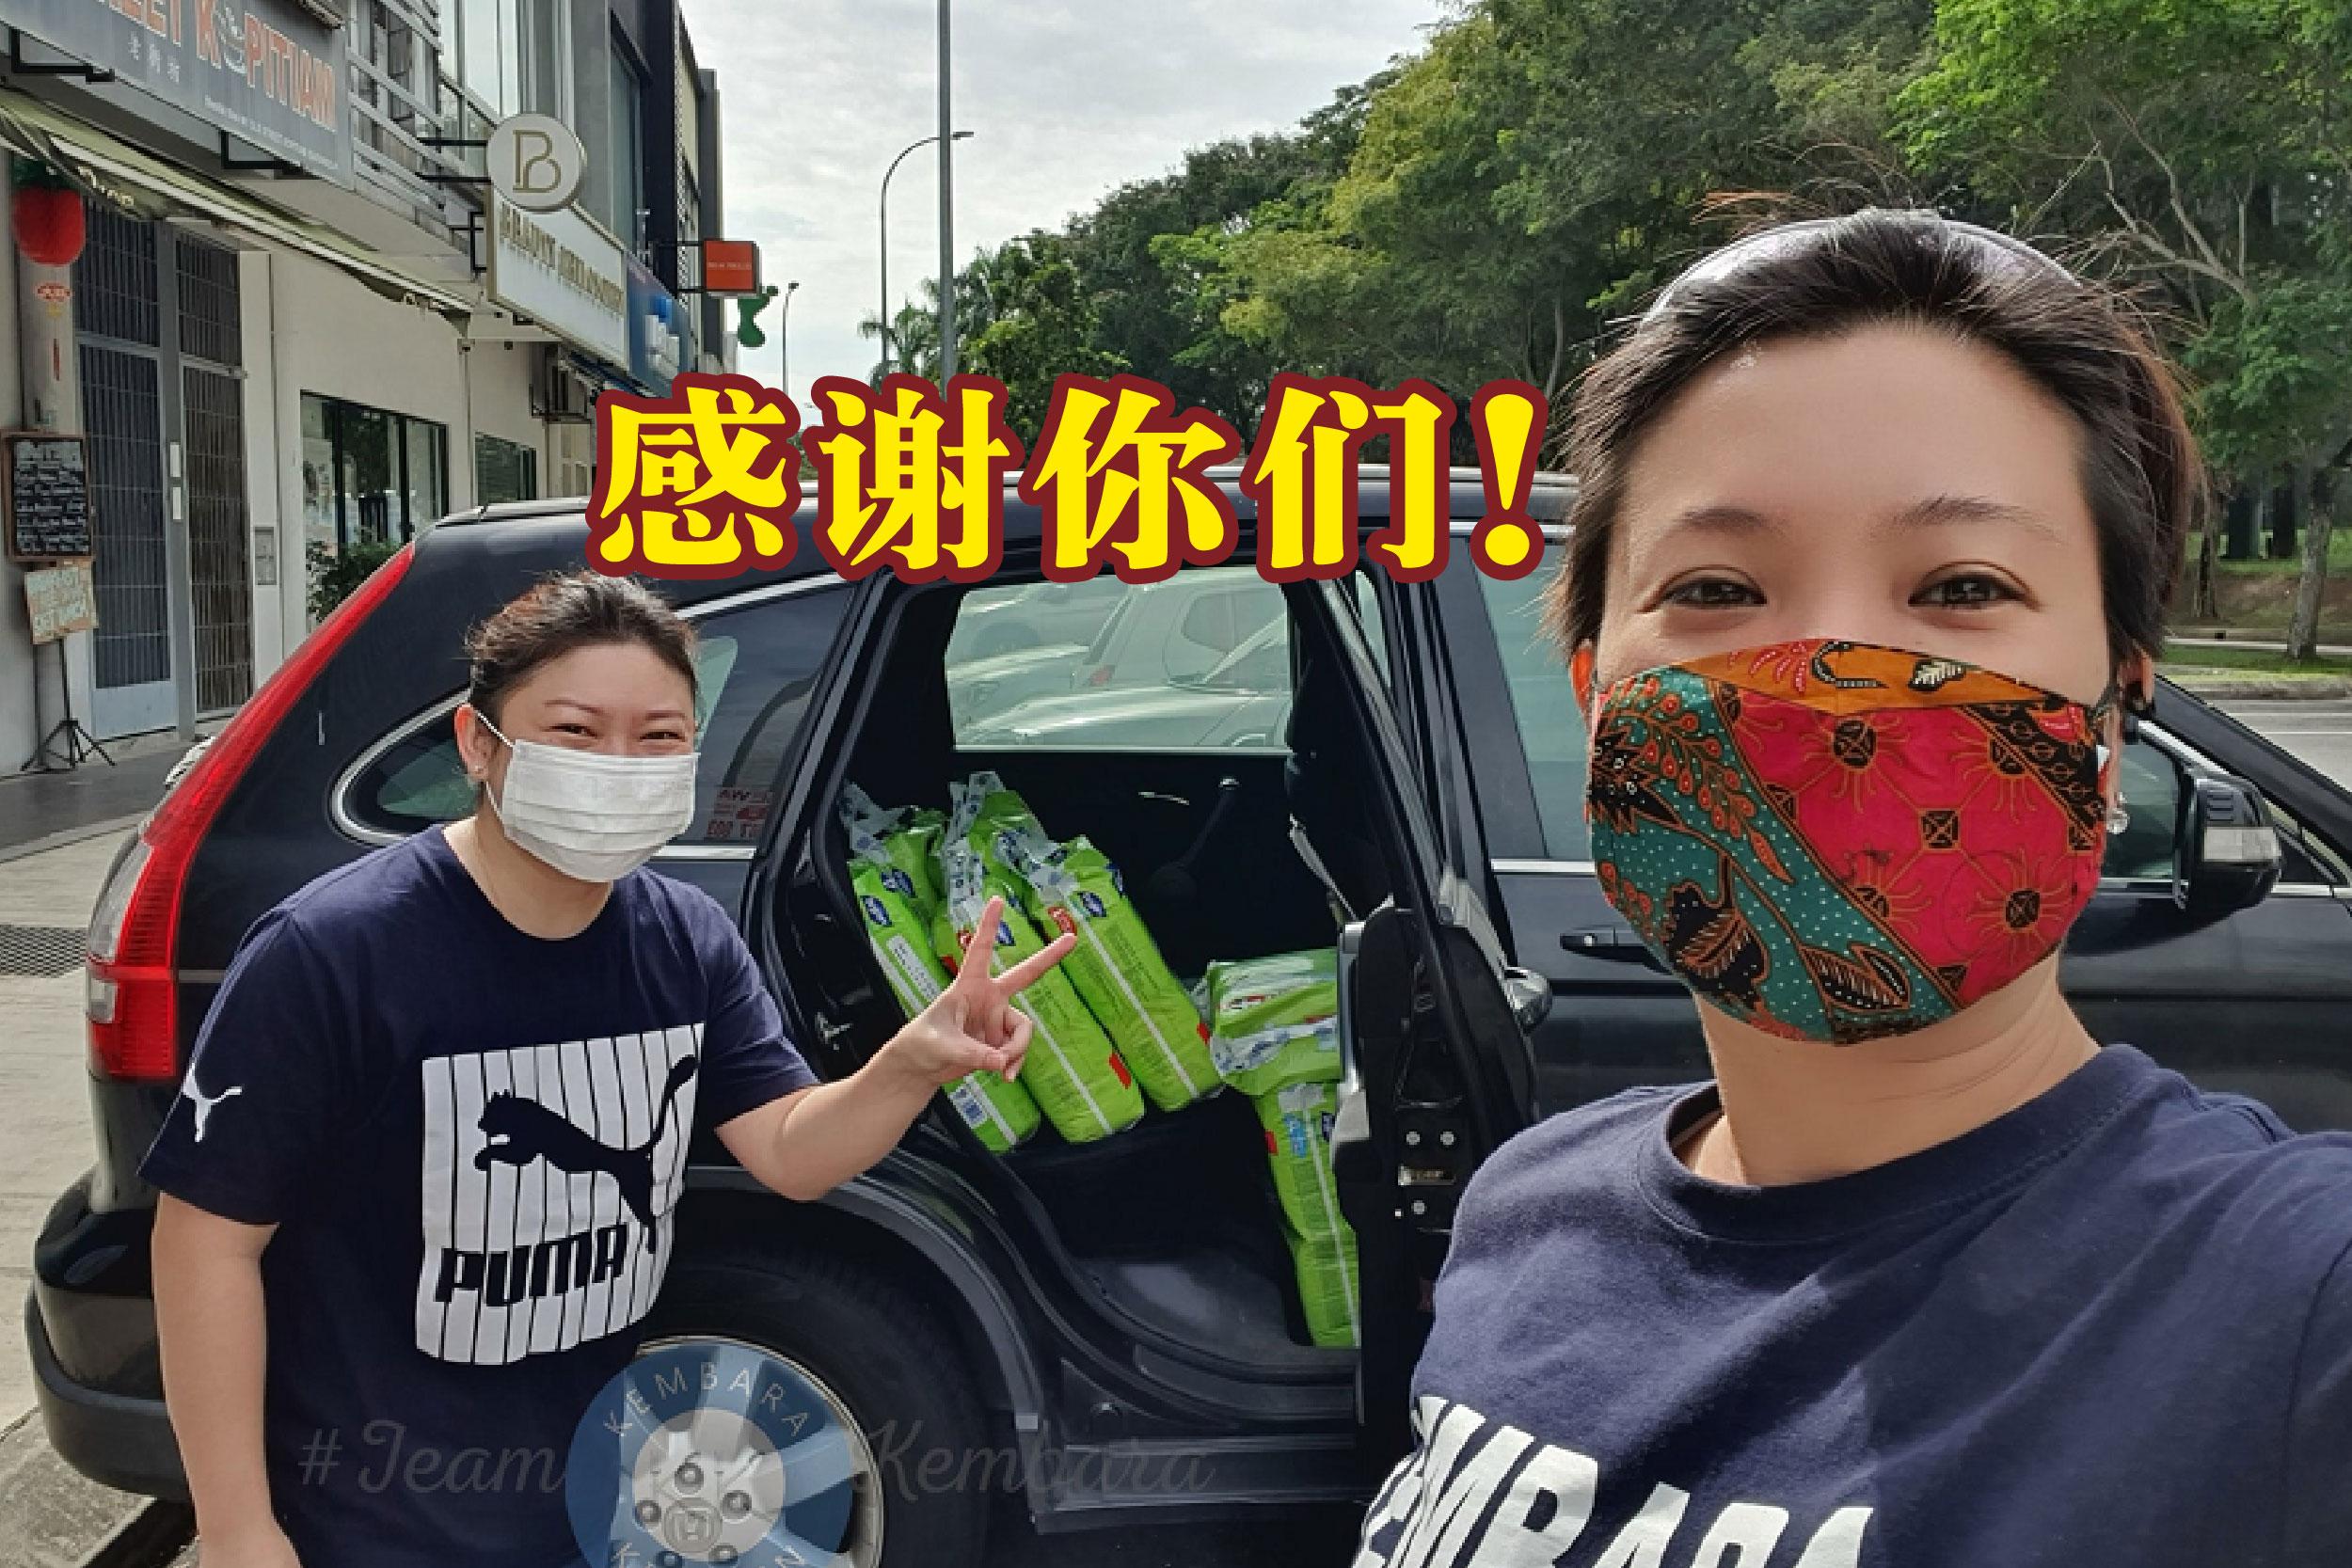 肯巴拉厨房联合创办人陈毅琳(右)透露,将会为陷困母亲提供3个月的帮助。-精彩大马制图-